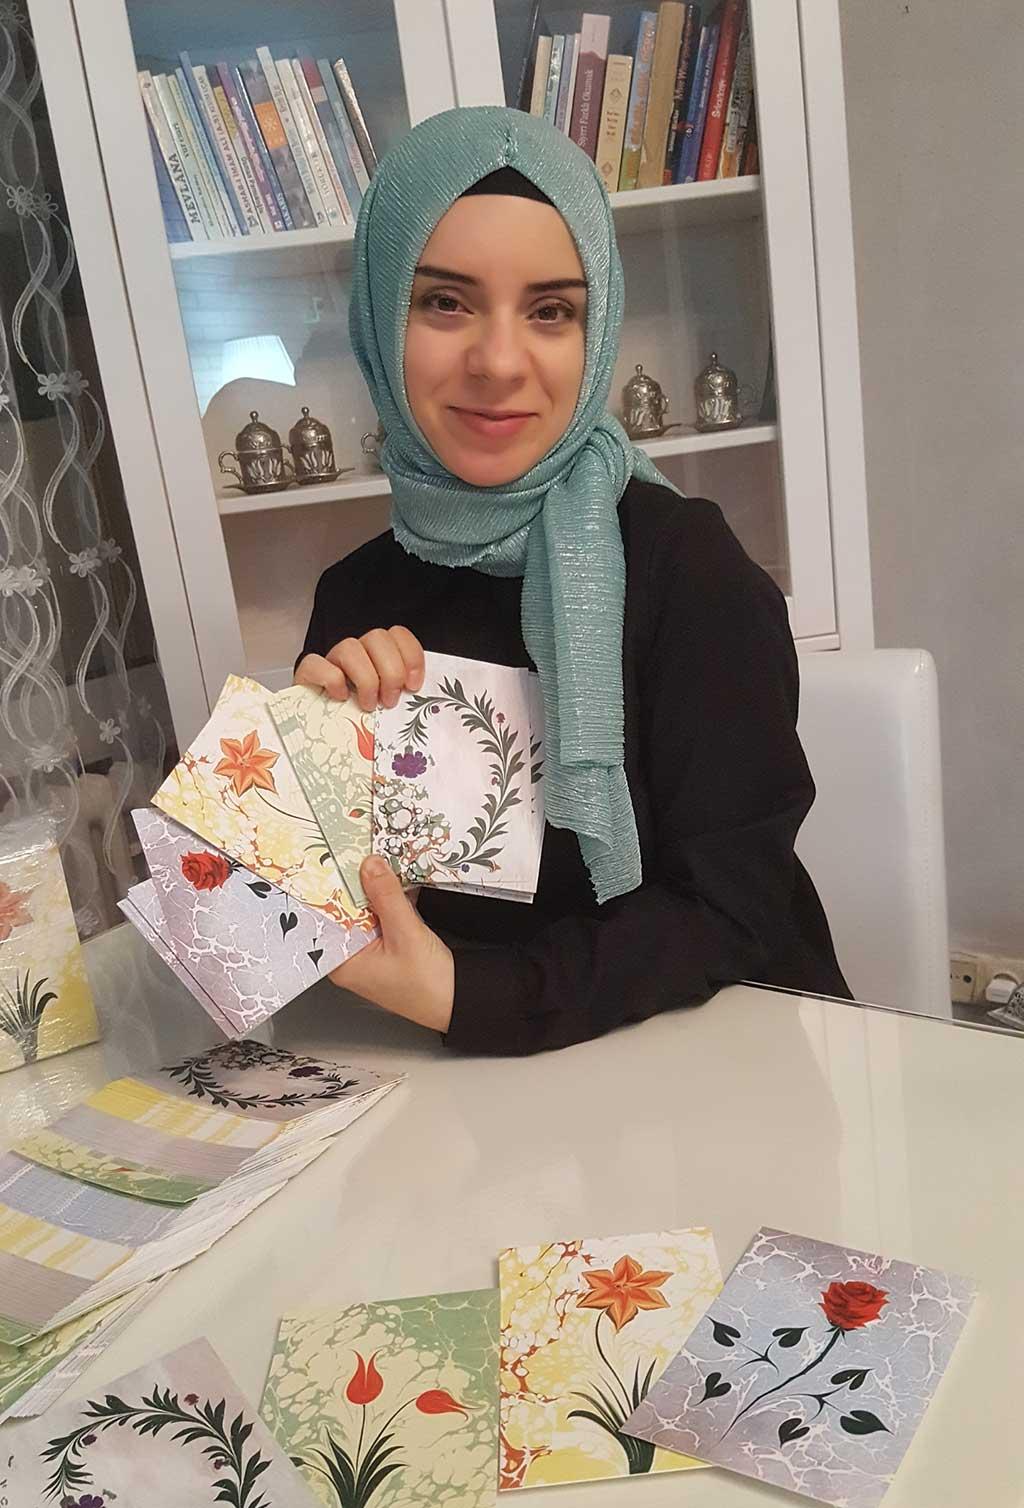 Arzu Adak zeigt vier ihrer schönsten Motive als Postkarten auf Cotton-Strukturpapier